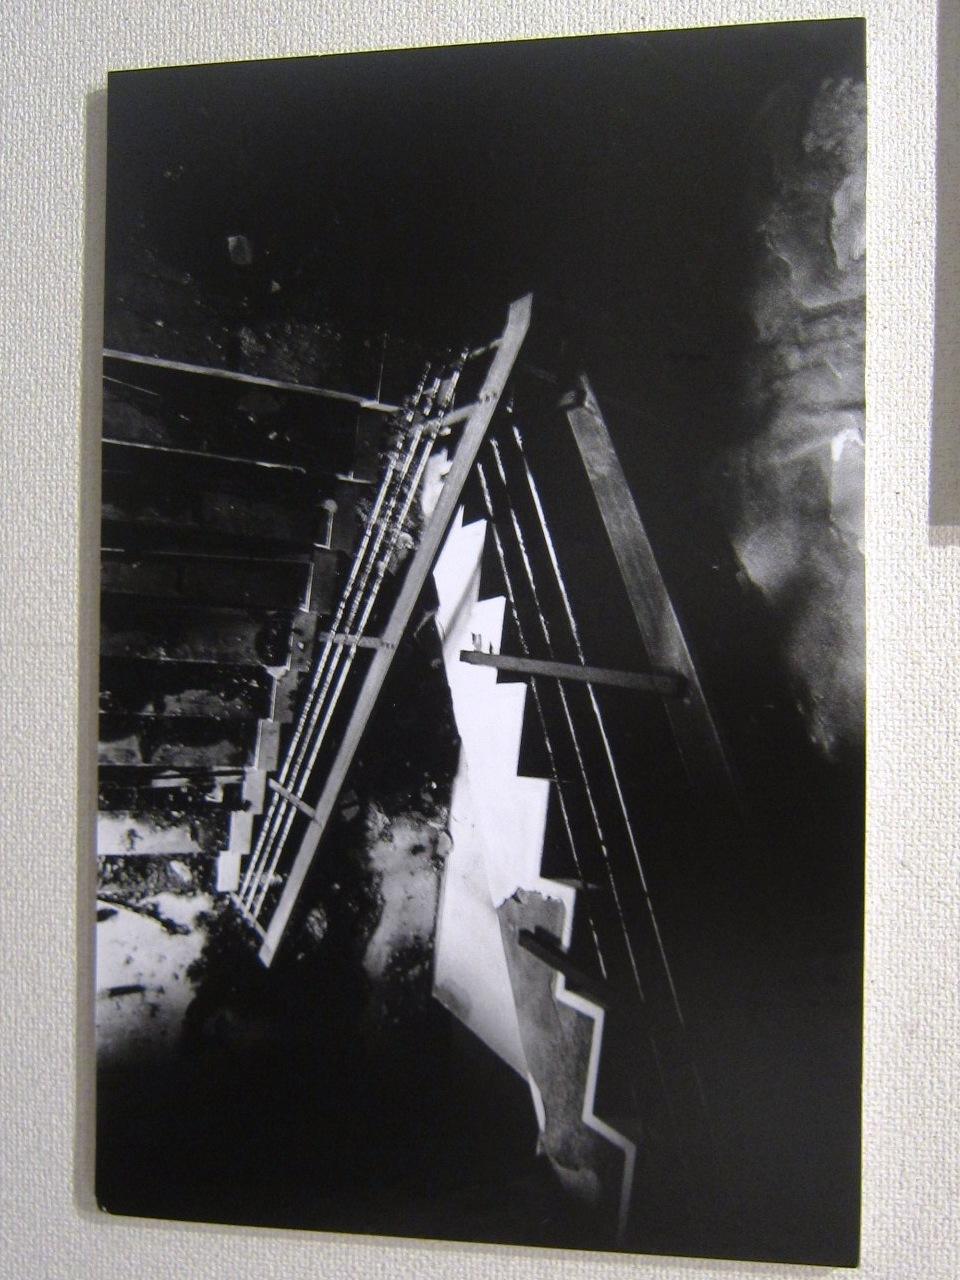 2524)⑤「群青後期①「女の空間」(女性6名の写真展)」 アートスペース201 終了/2月4日(木)~2月9日(火)_f0126829_0294194.jpg